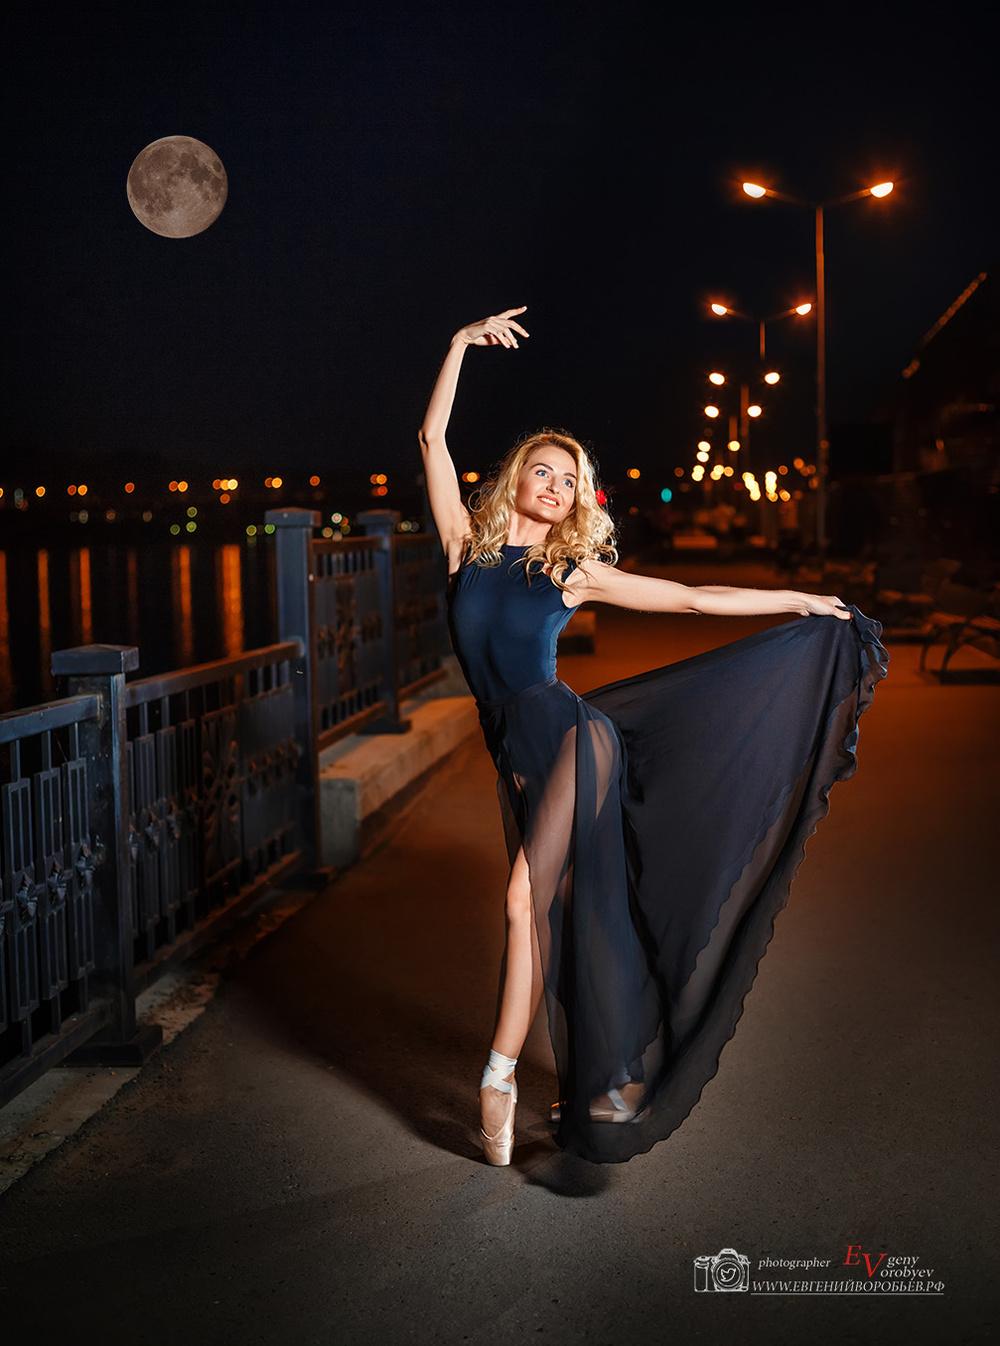 красивое место фотосессия Красноярск девушка набережная ночь фотограф идея